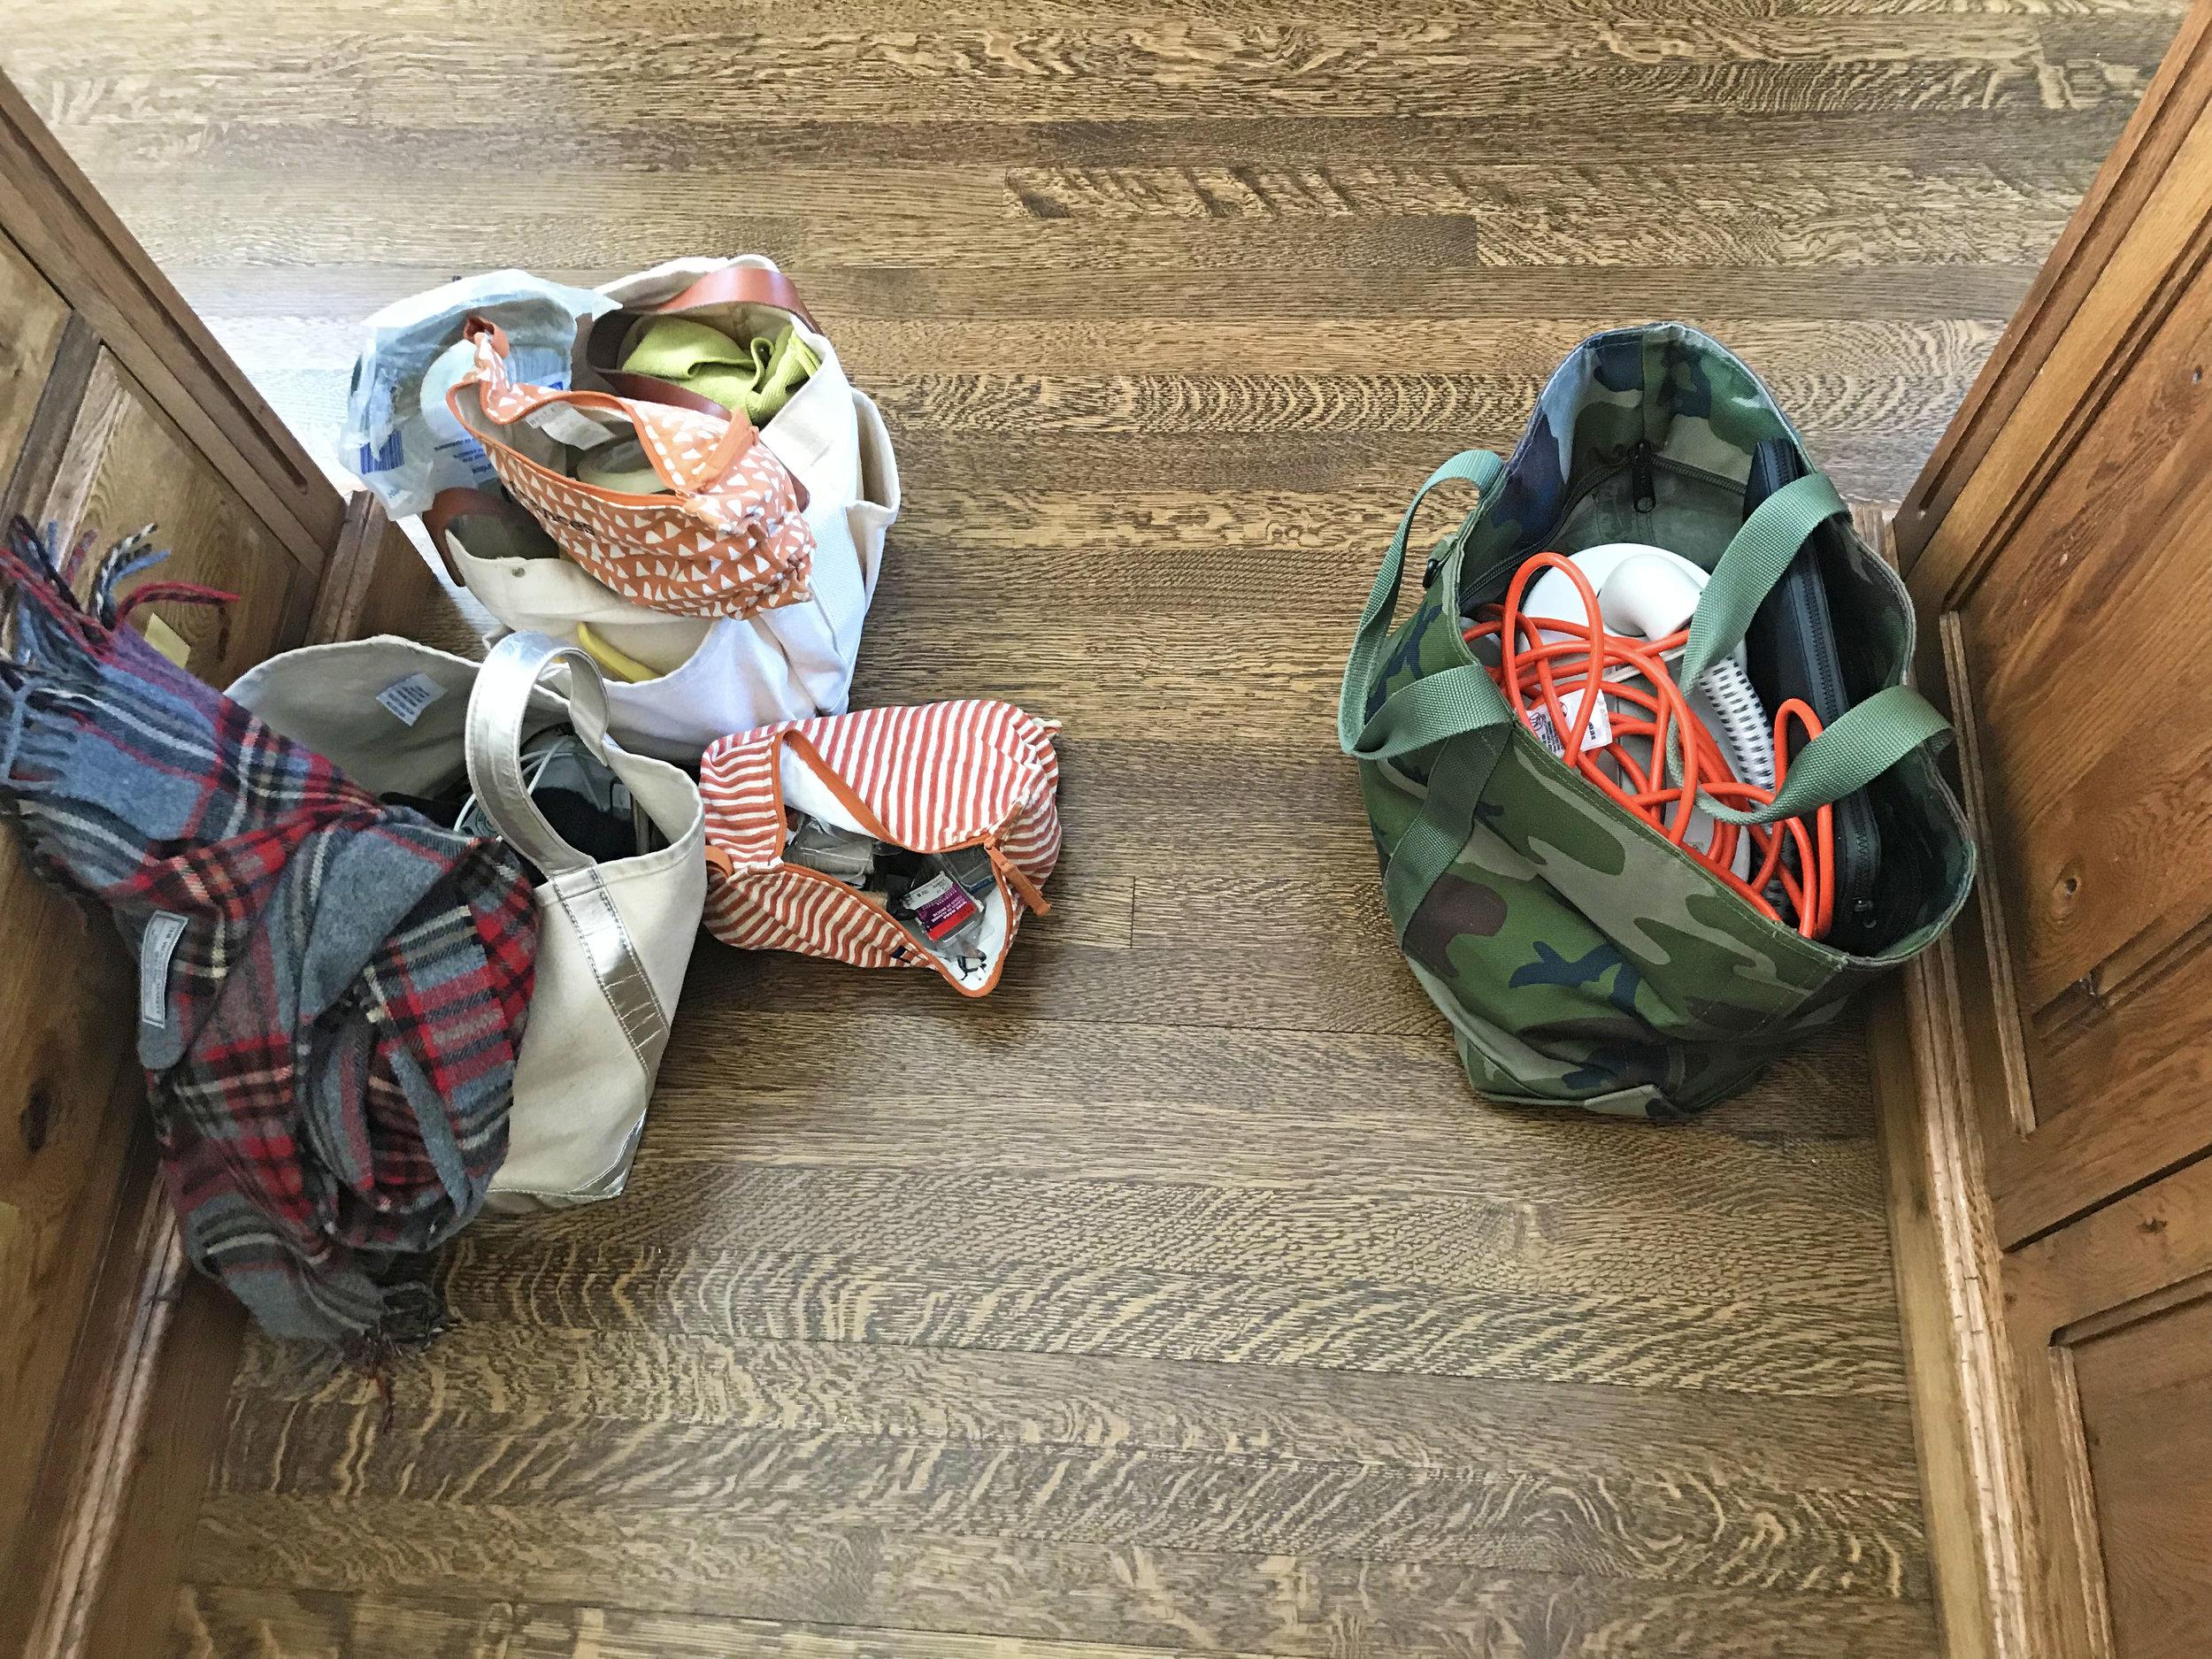 004 - Bags.jpg